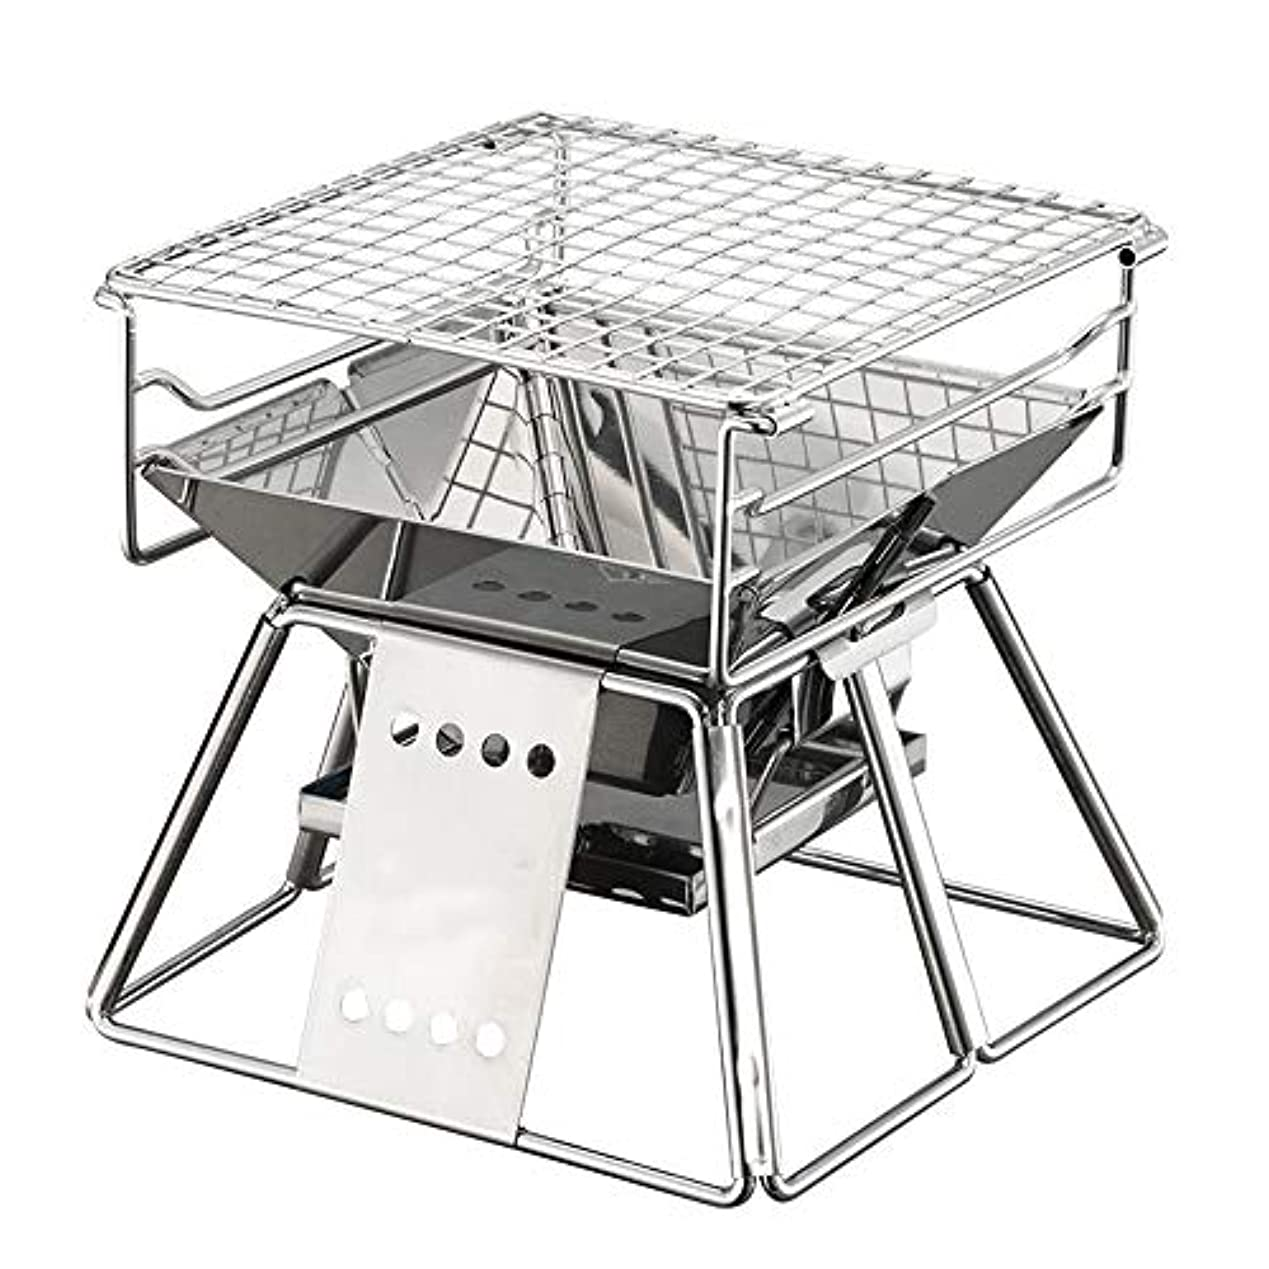 猟犬以来大統領屋外グリルポータブル折りたたみカップルグリルステンレス鋼調節可能な1-3人小さな炭ボイラー用屋外調理キャンプハイキングピクニック